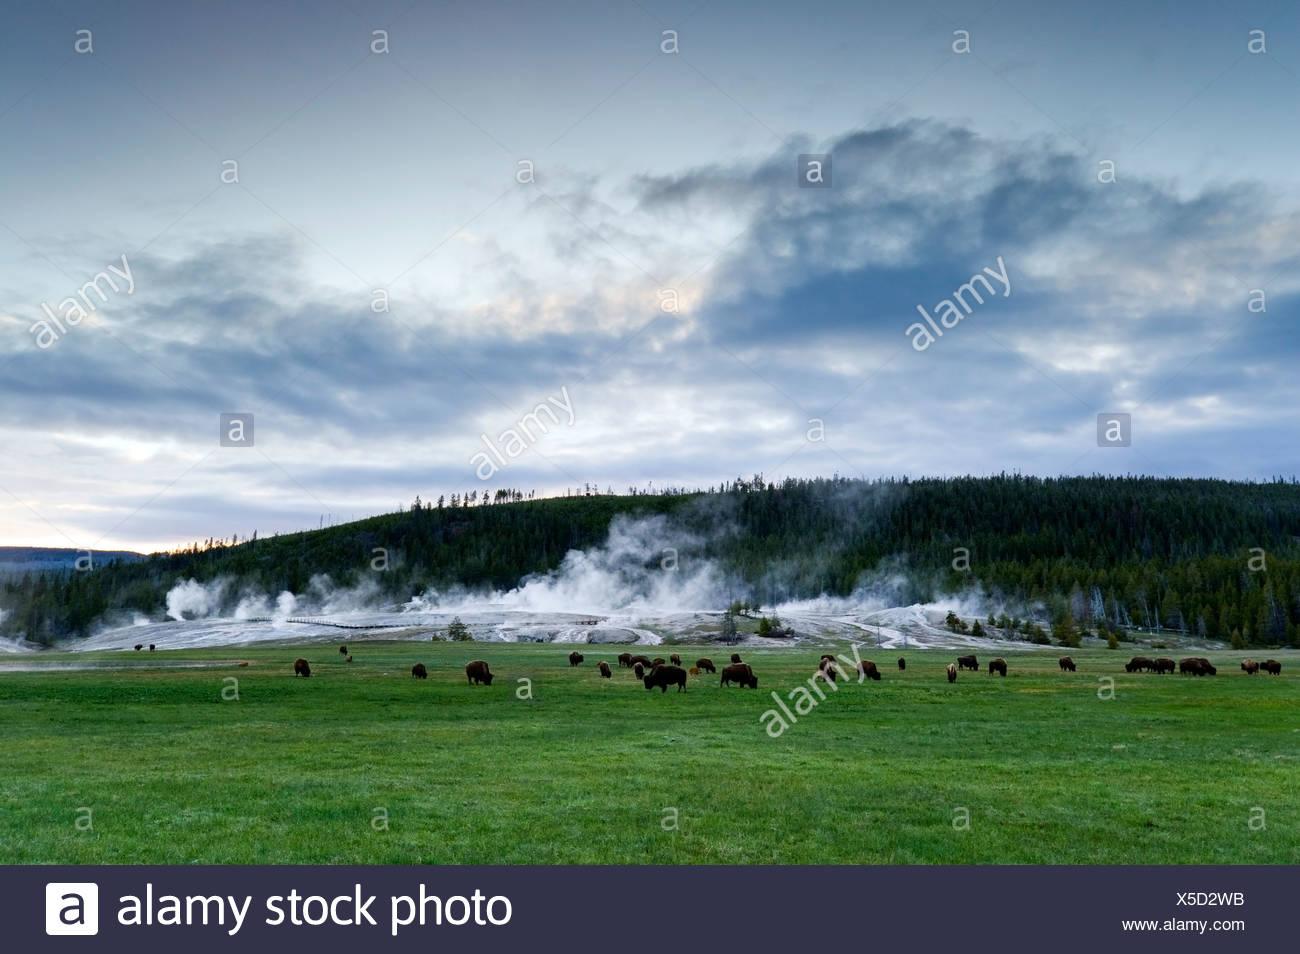 Una manada de búfalos pastan en frente de la Cuenca del Géiser Superior, en el Parque Nacional Yellowstone, Wyoming. Imagen De Stock